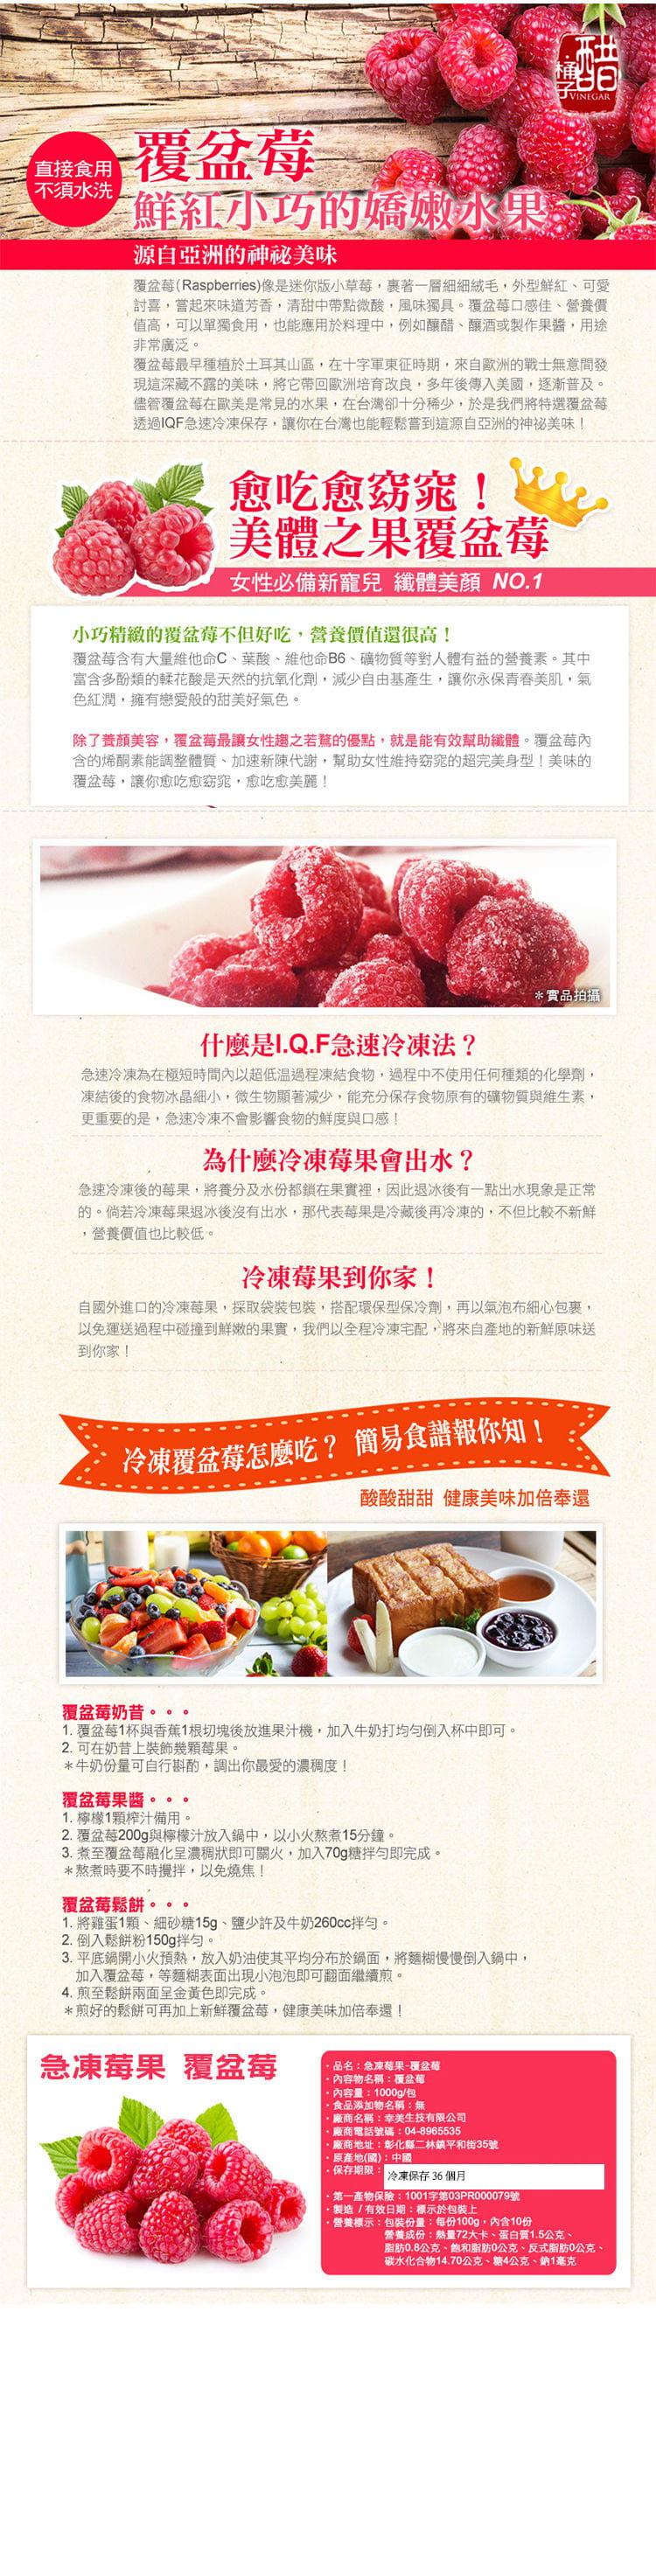 【幸美生技】進口鮮凍花青莓果重量包任選 3